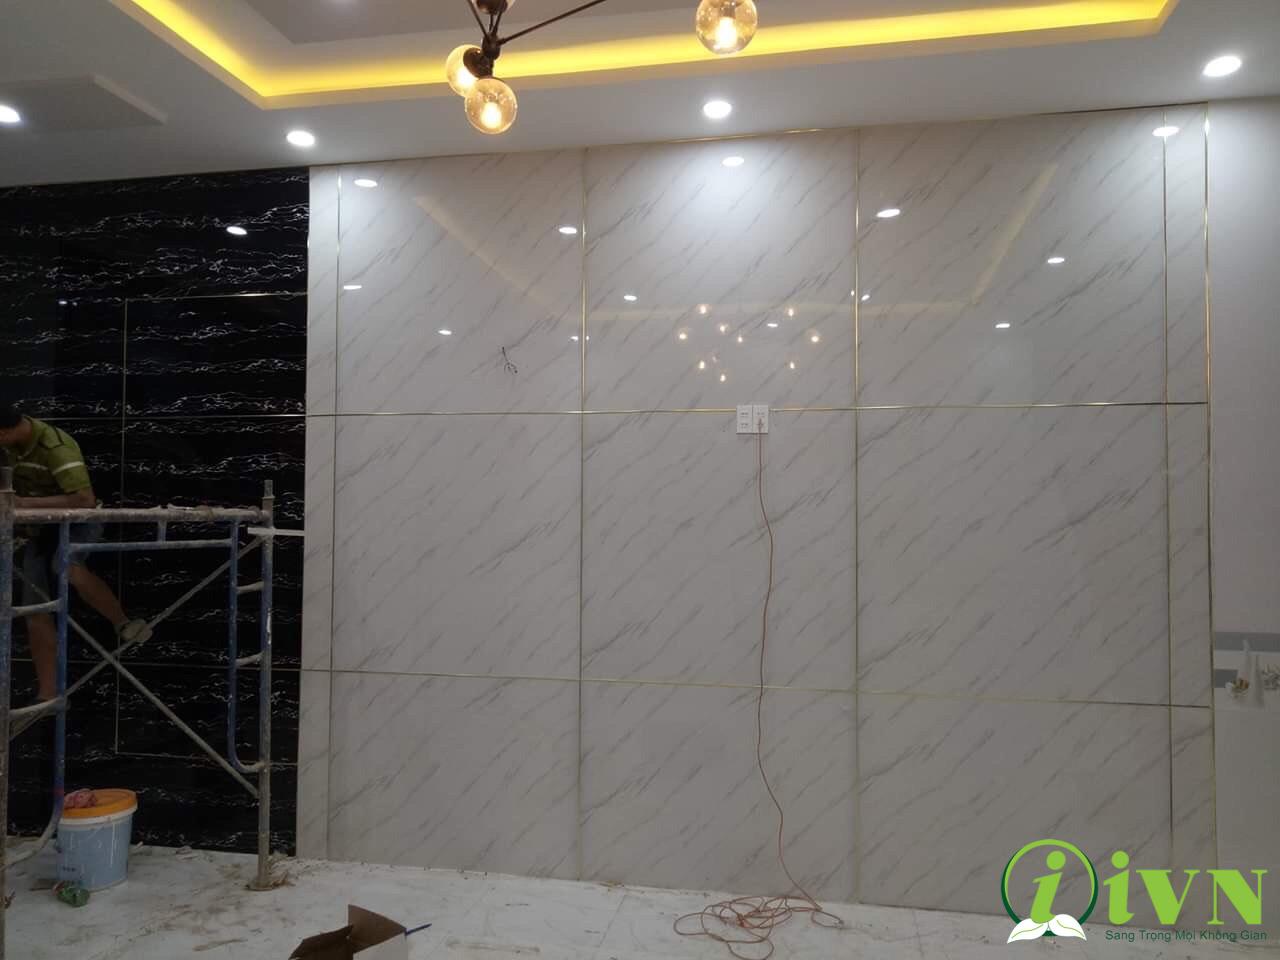 Tổng kho cung cấp tấm nhựa ốp tường cho nhà ở chất lượng, uy tín